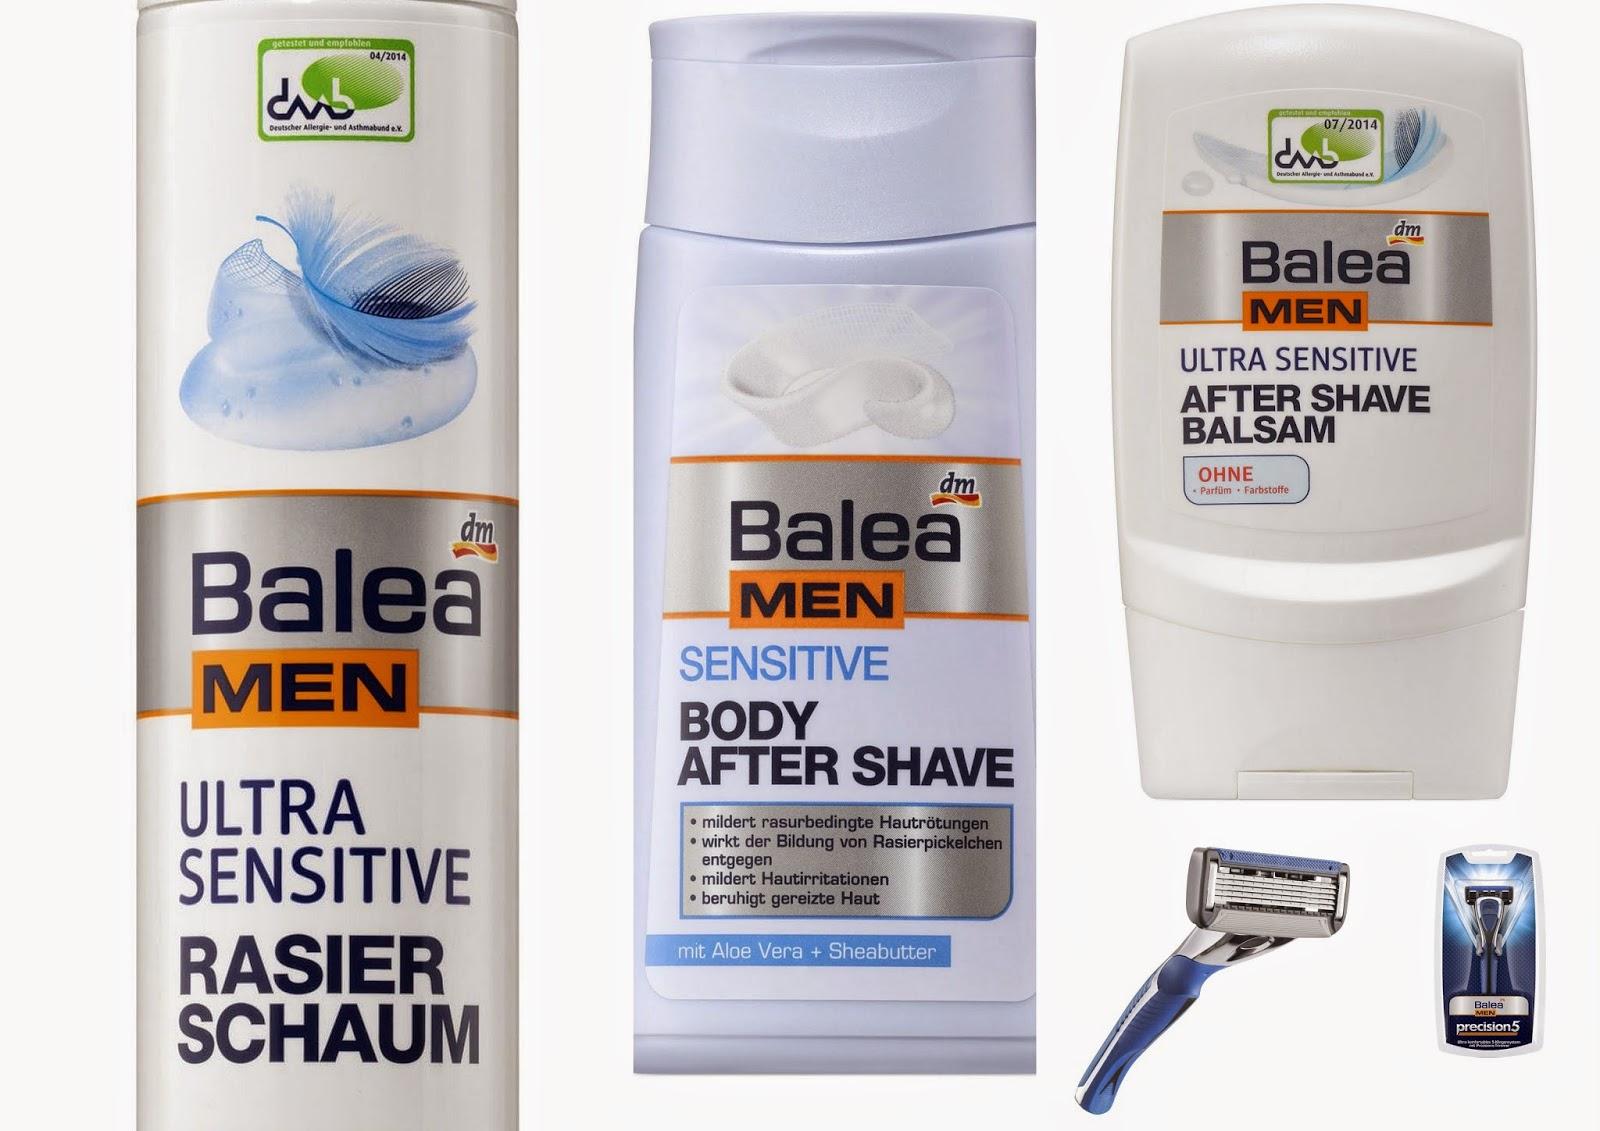 nach aftershave lotion noch eincremen